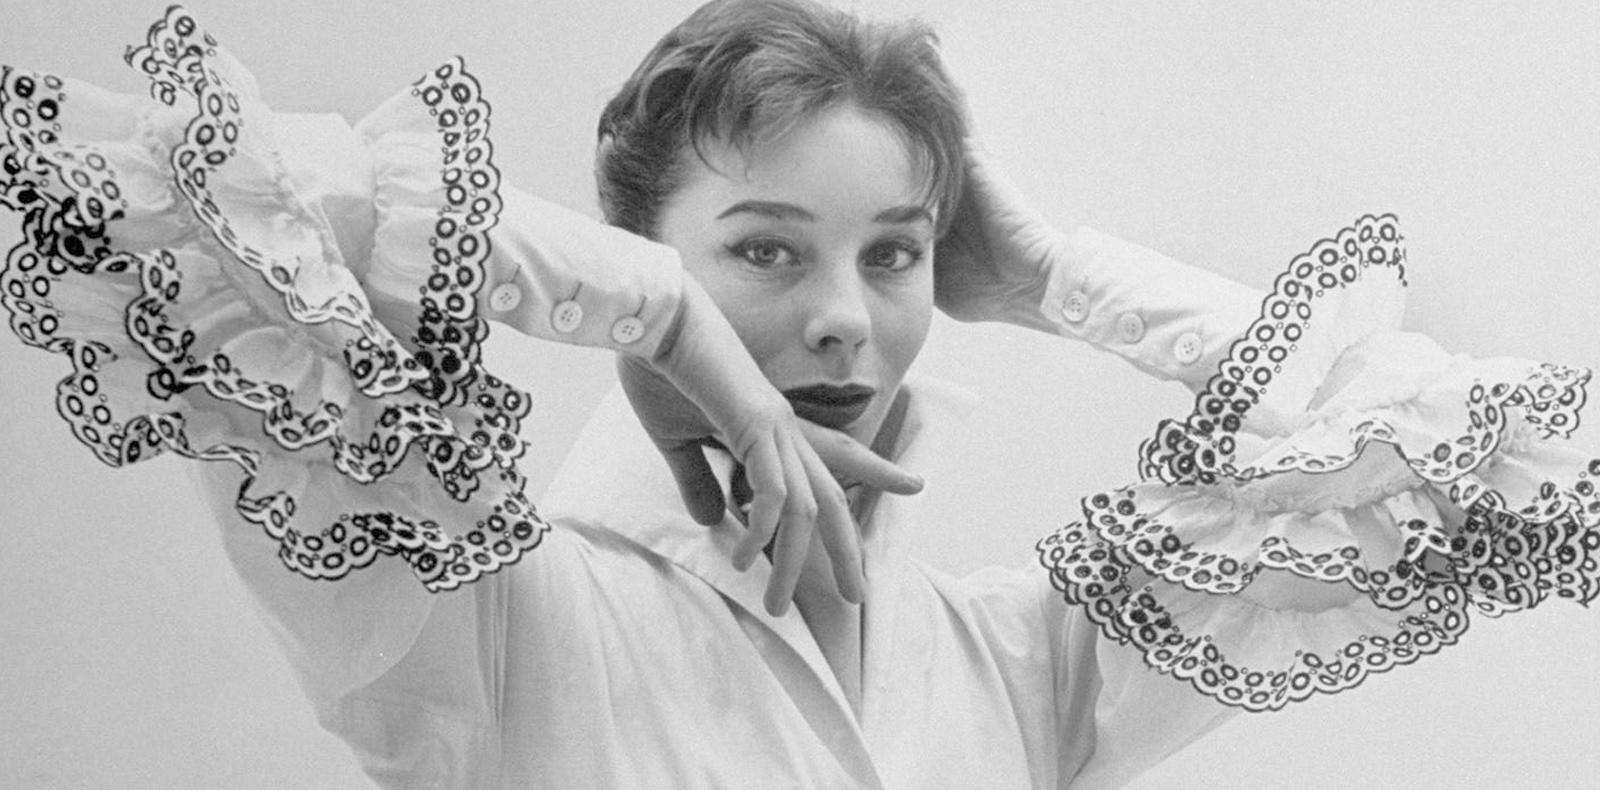 Bettina Graziani ouvre le premier défilé avec la célèbre « Blouse Bettina », Givenchy Archives.